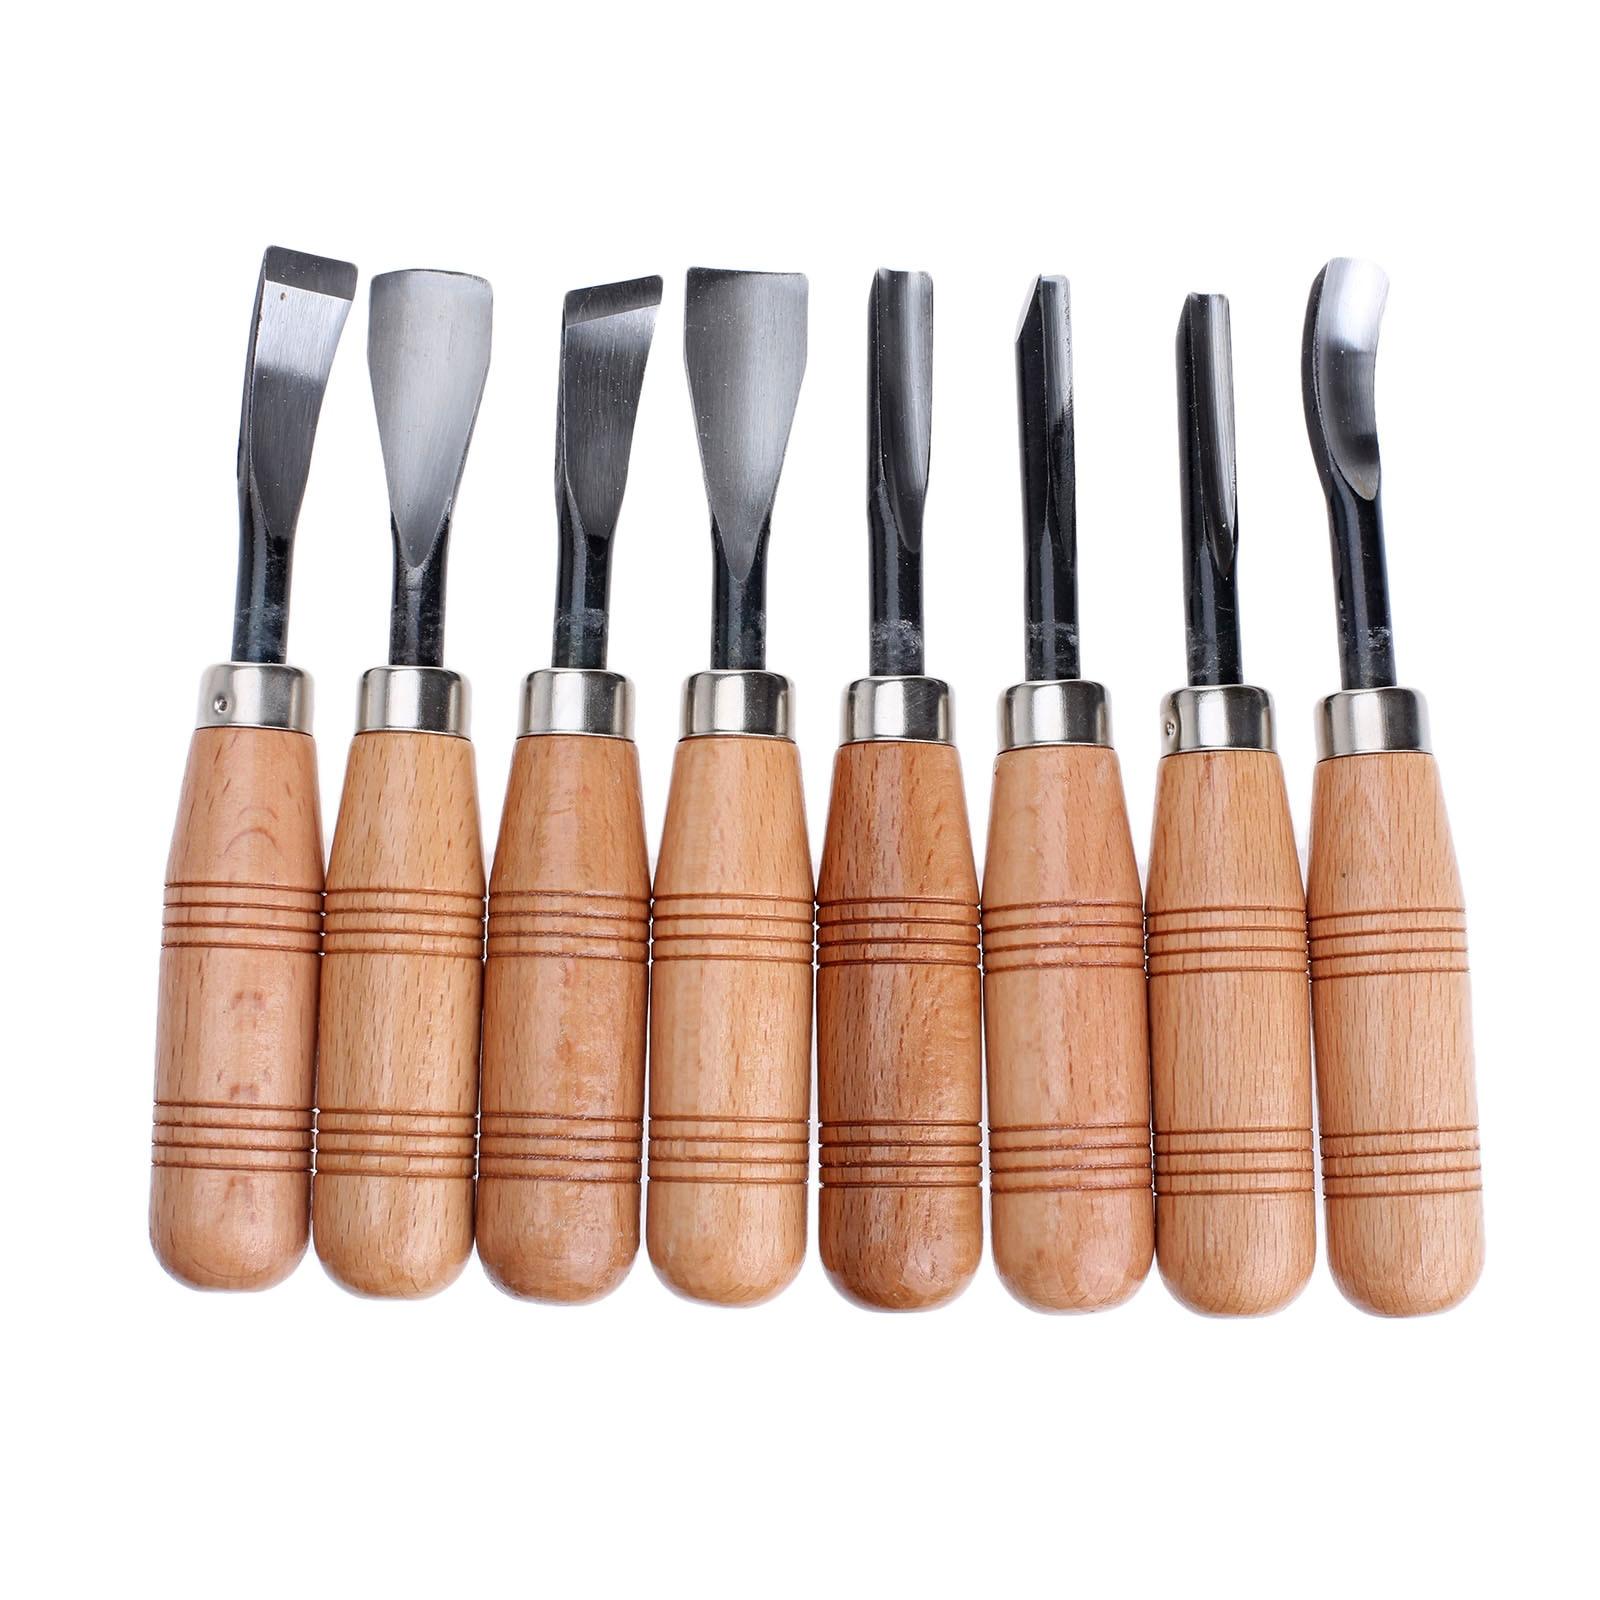 8Pcs Wood Carving Hand Chisel Set Graving Knife Wood Carving Chisels Knife Woodworking Carpenter Tools Set for Carving Wood  цены